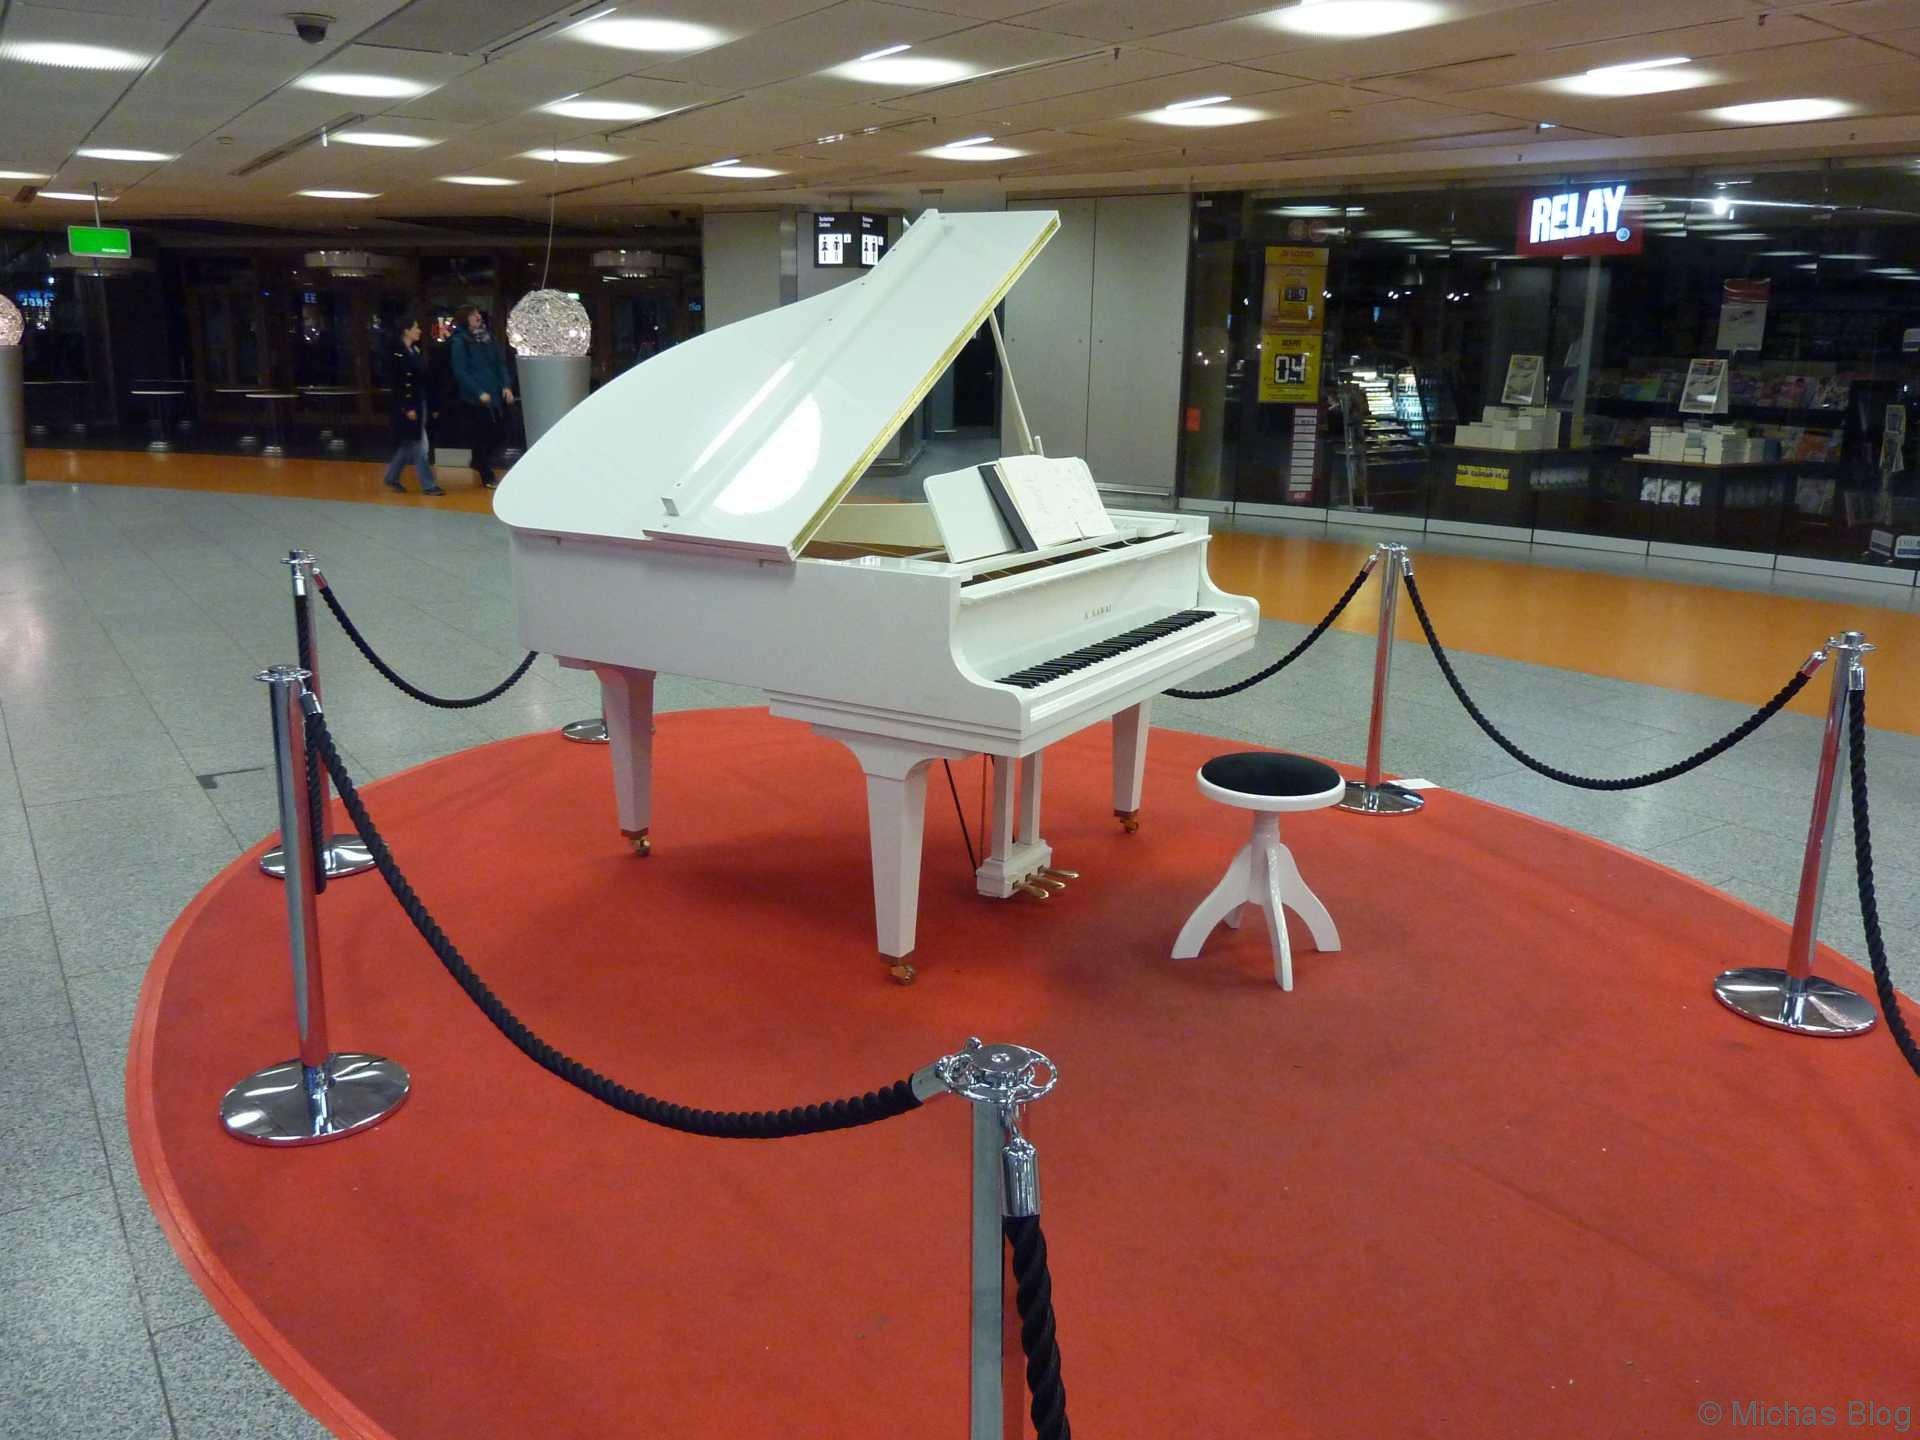 Eine Runde Klavier spielen am Flughafen